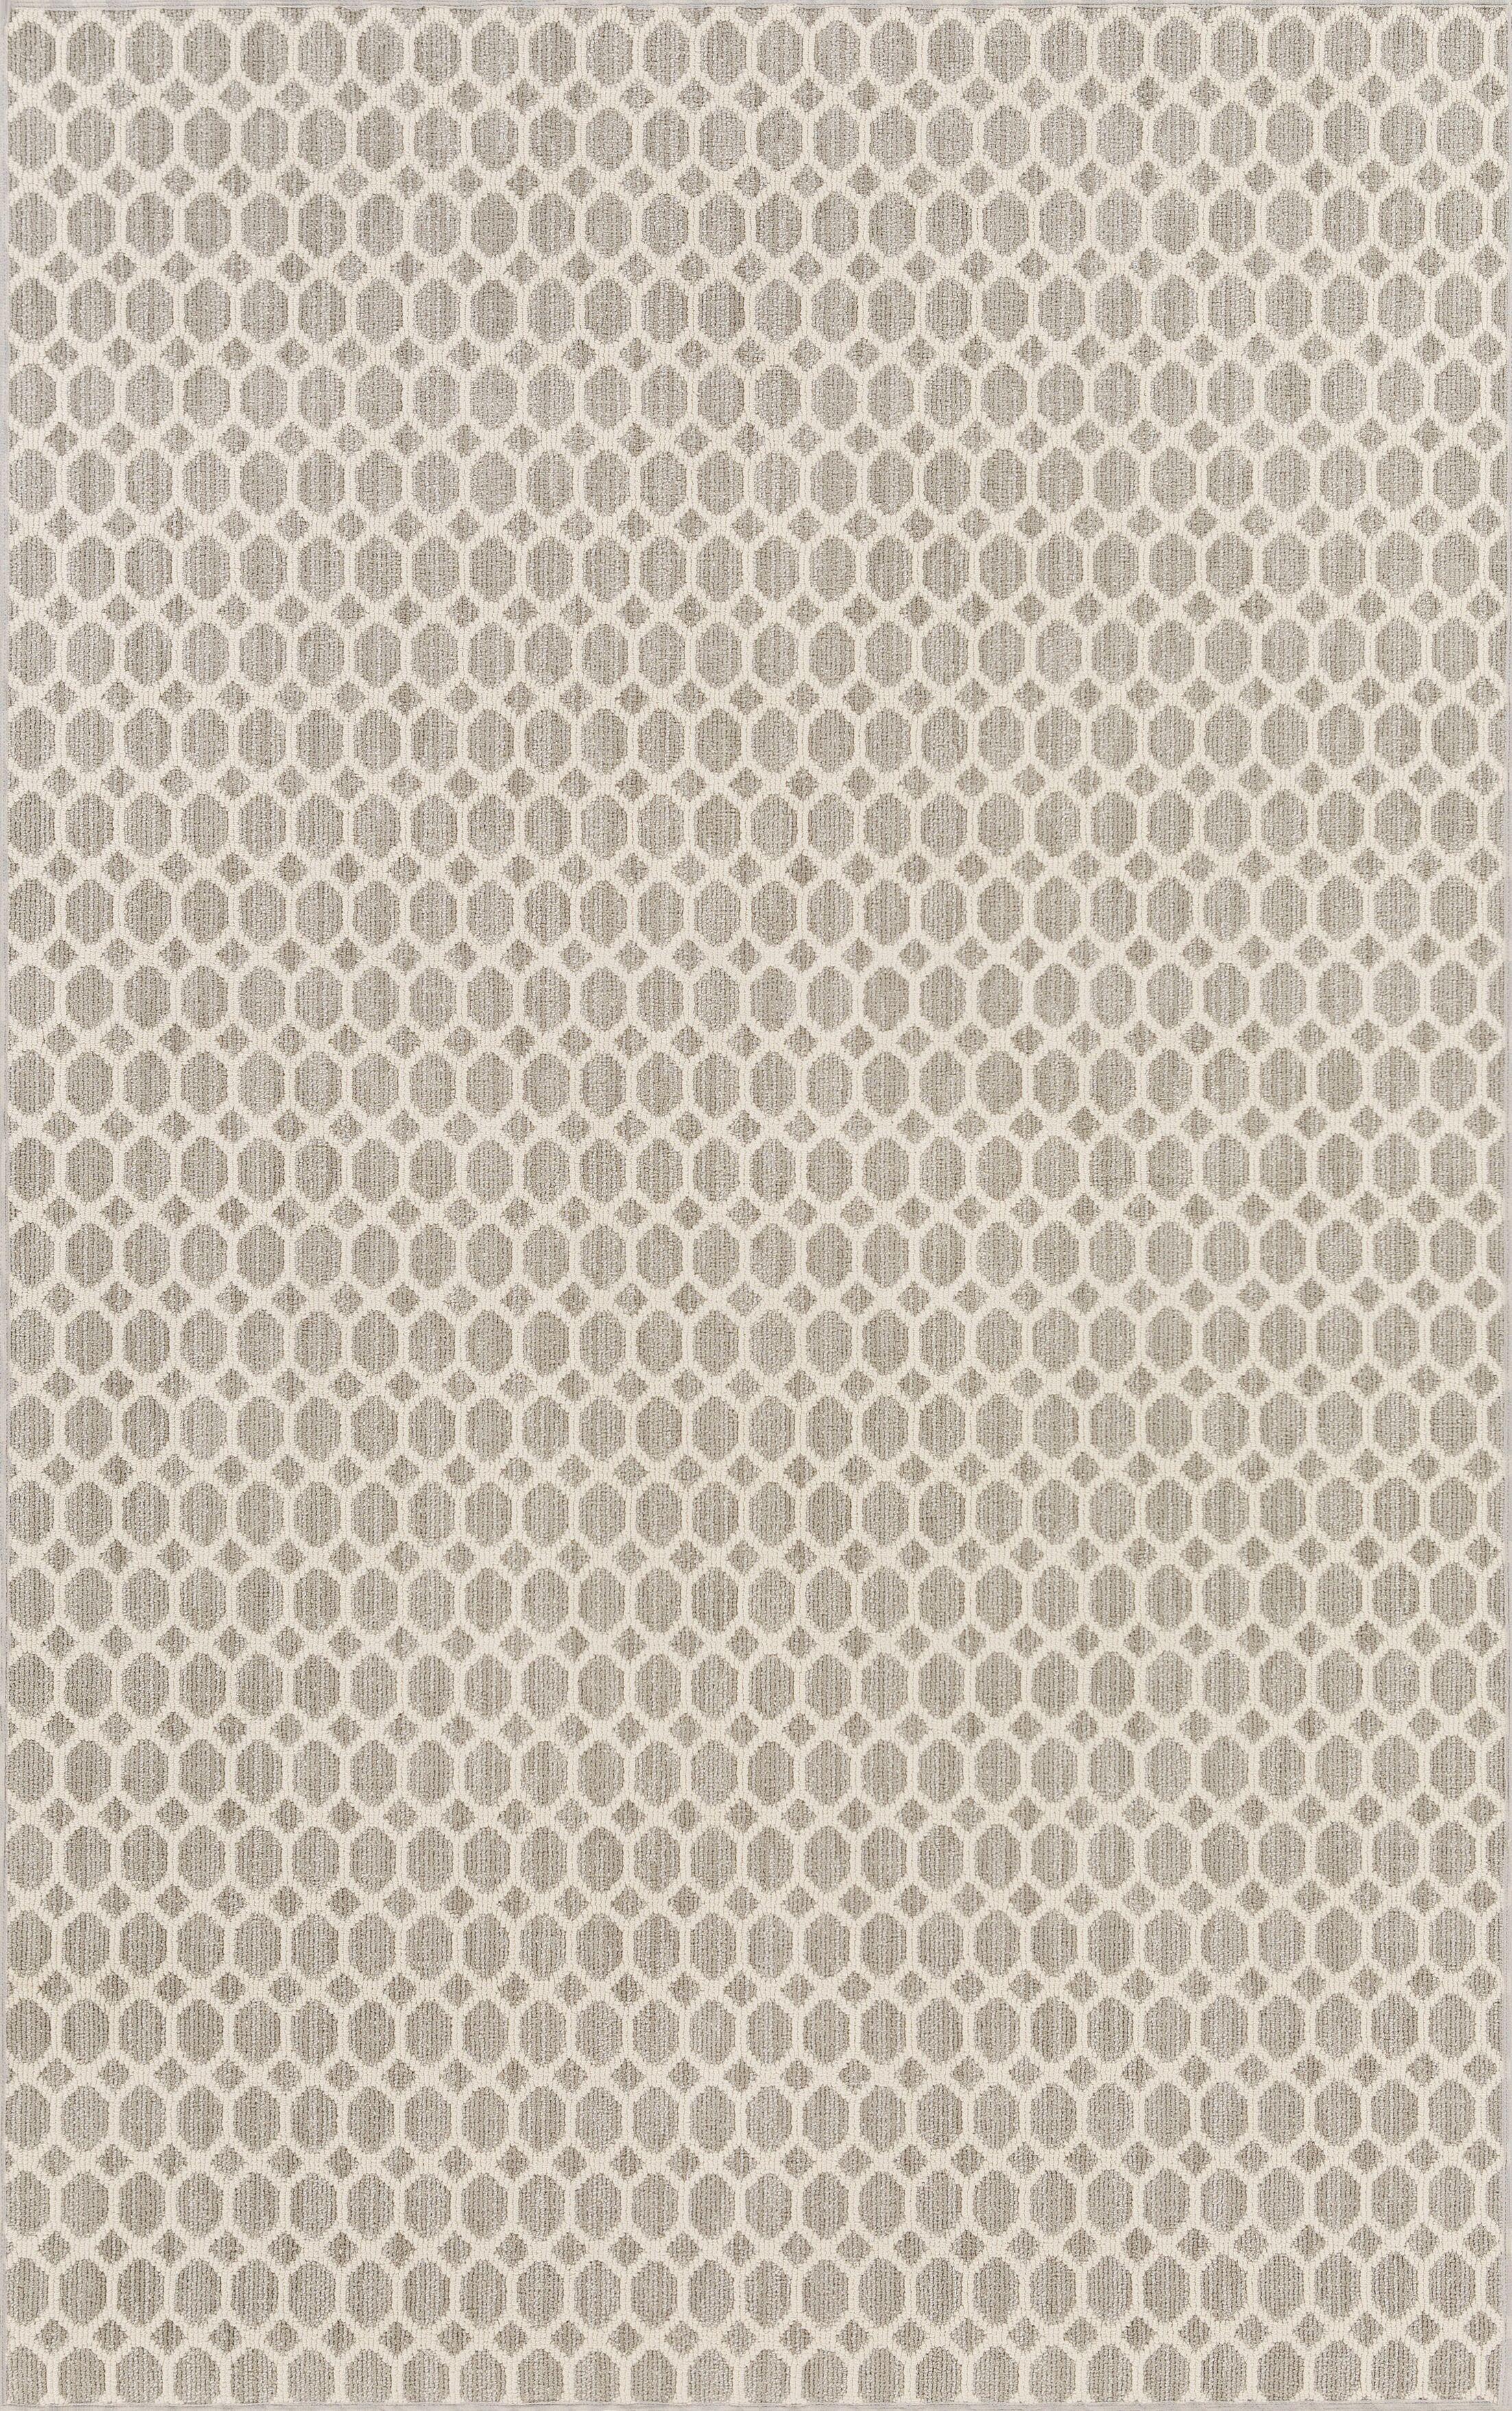 Casper Gray Indoor/Outdoor Area Rug Rug Size: Rectangle 5' x 8'